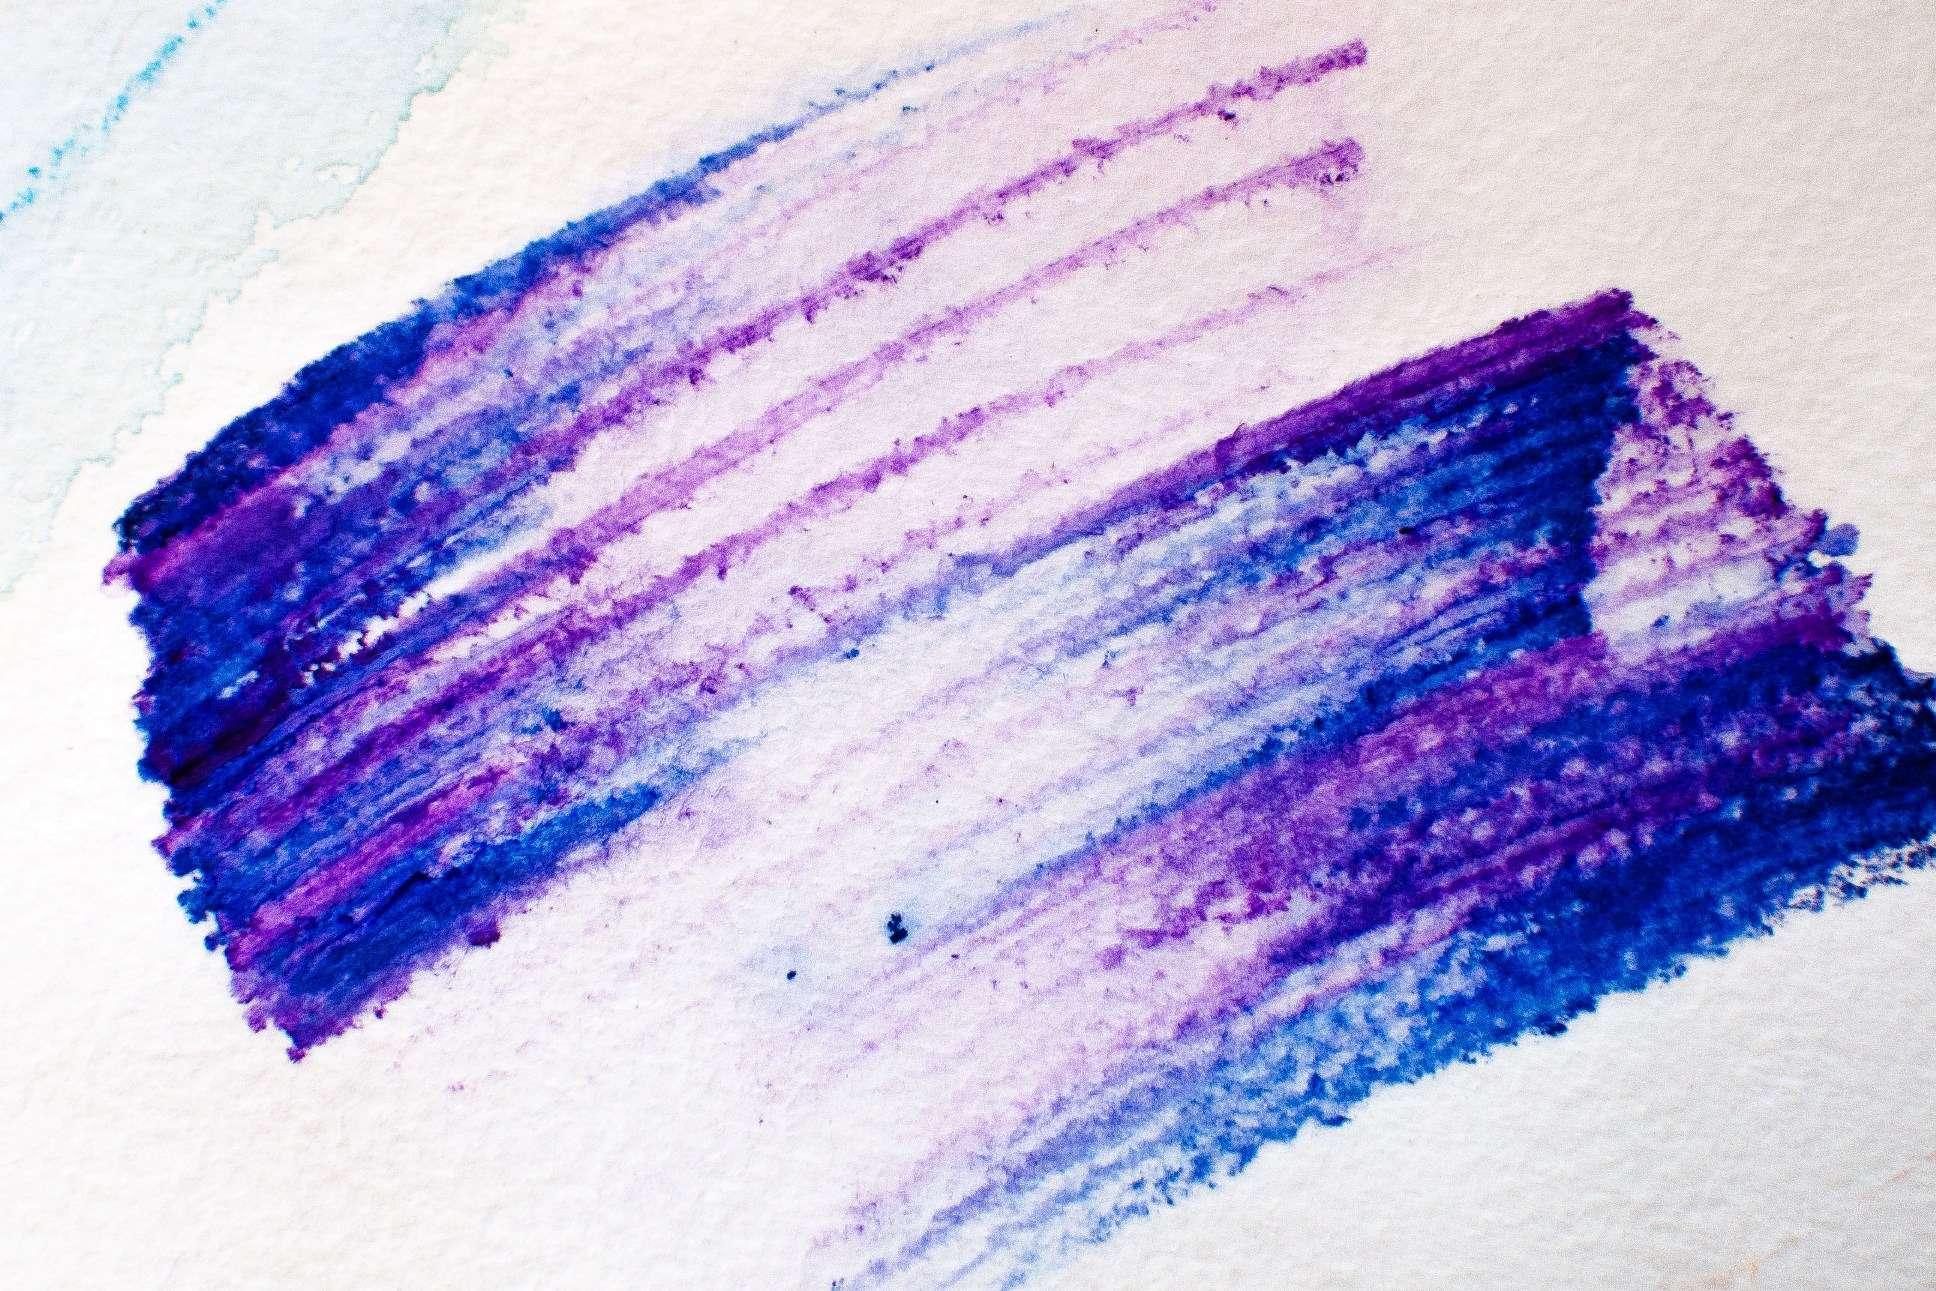 Как рисовать акварелью: 11 советов от художников Блог 51